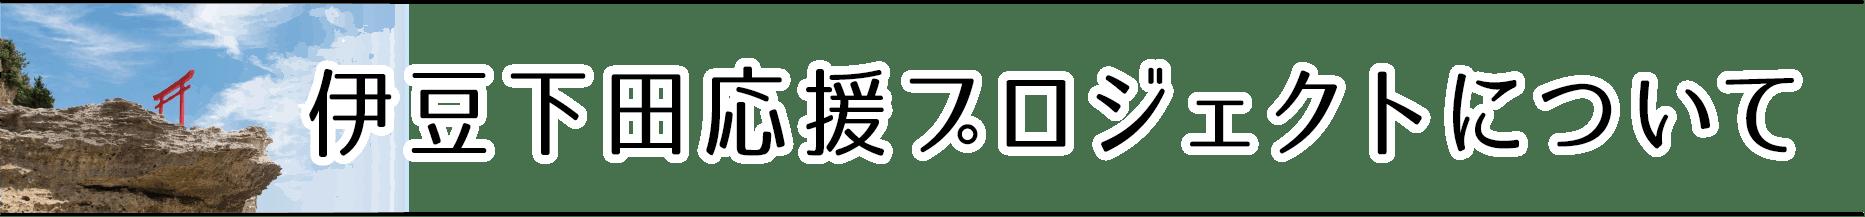 伊豆 コロナ